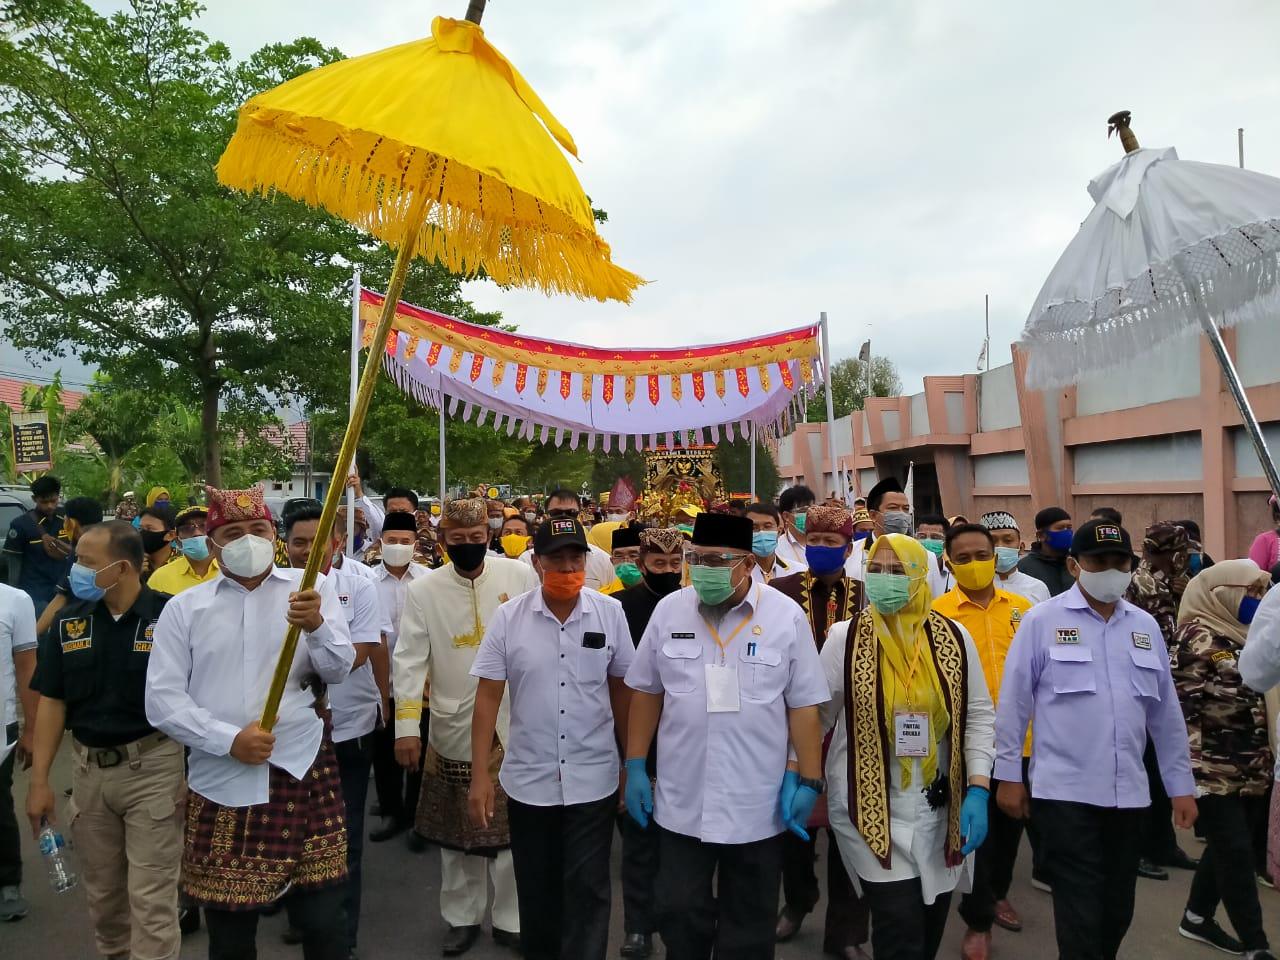 Ribuan Elemen Masyarakat, Kawal Pasangan Tony - Antoni Daftar Ke KPU Lampung Selatan